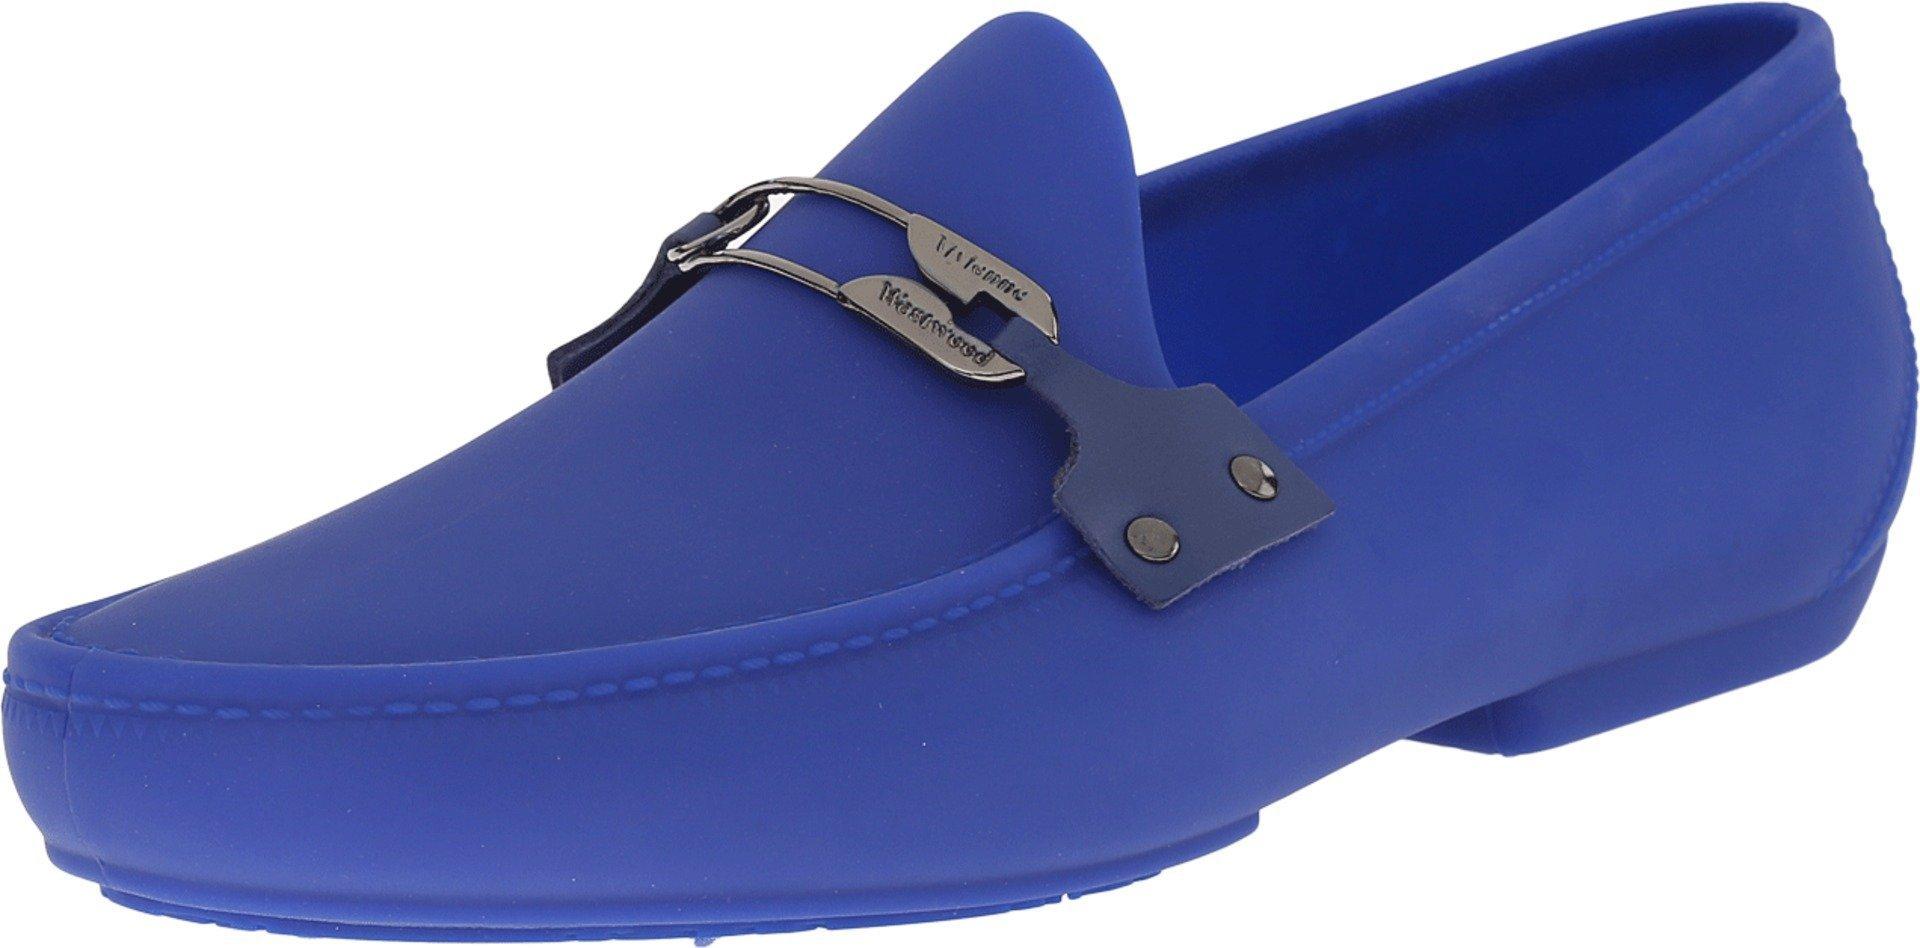 Vivienne Westwood Men's Safety Pin Moccasin Blue Loafer